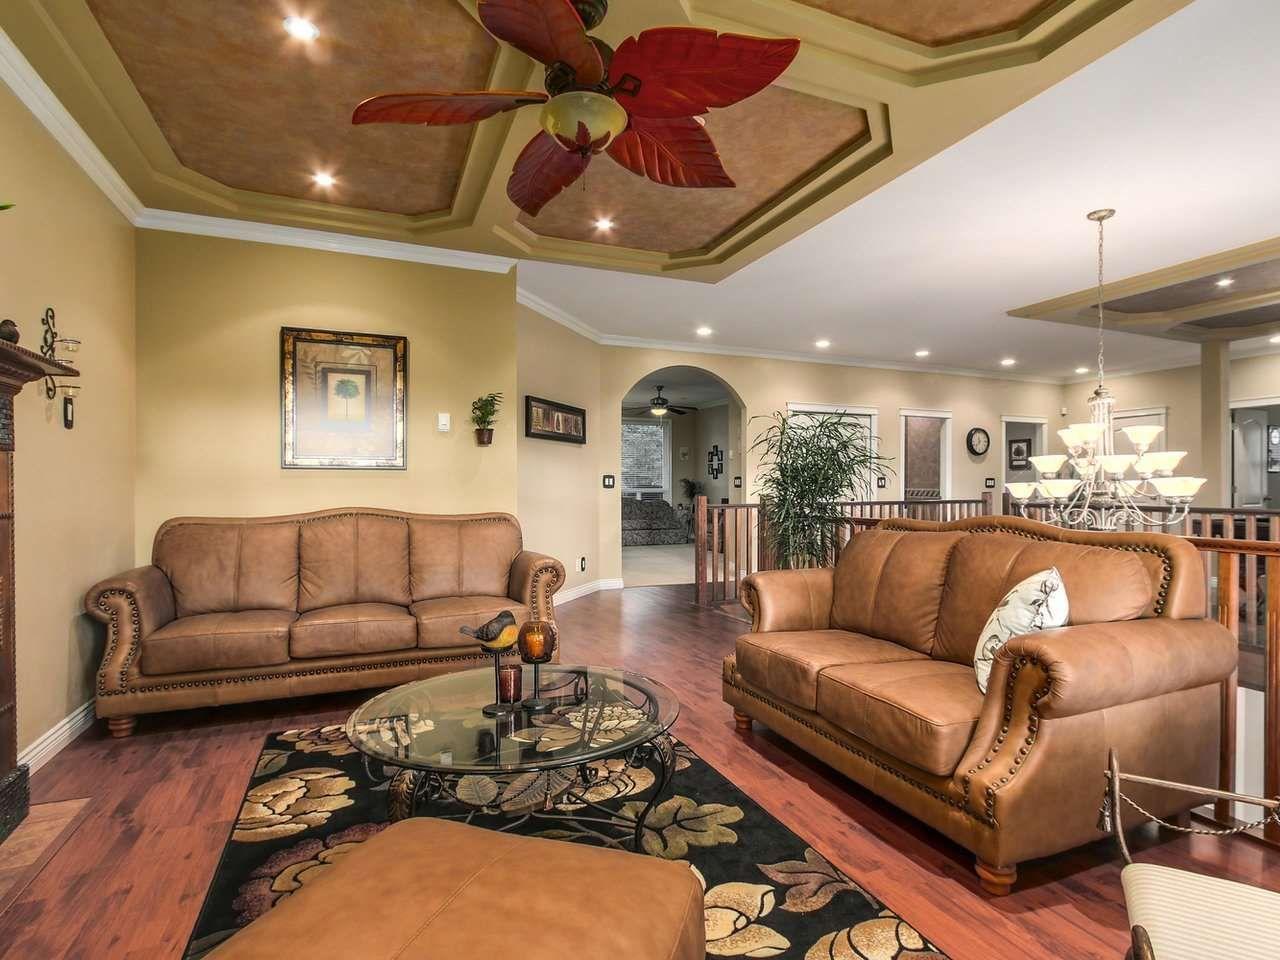 Photo 4: Photos: 725 REGAN Avenue in Coquitlam: Coquitlam West House for sale : MLS®# R2226266